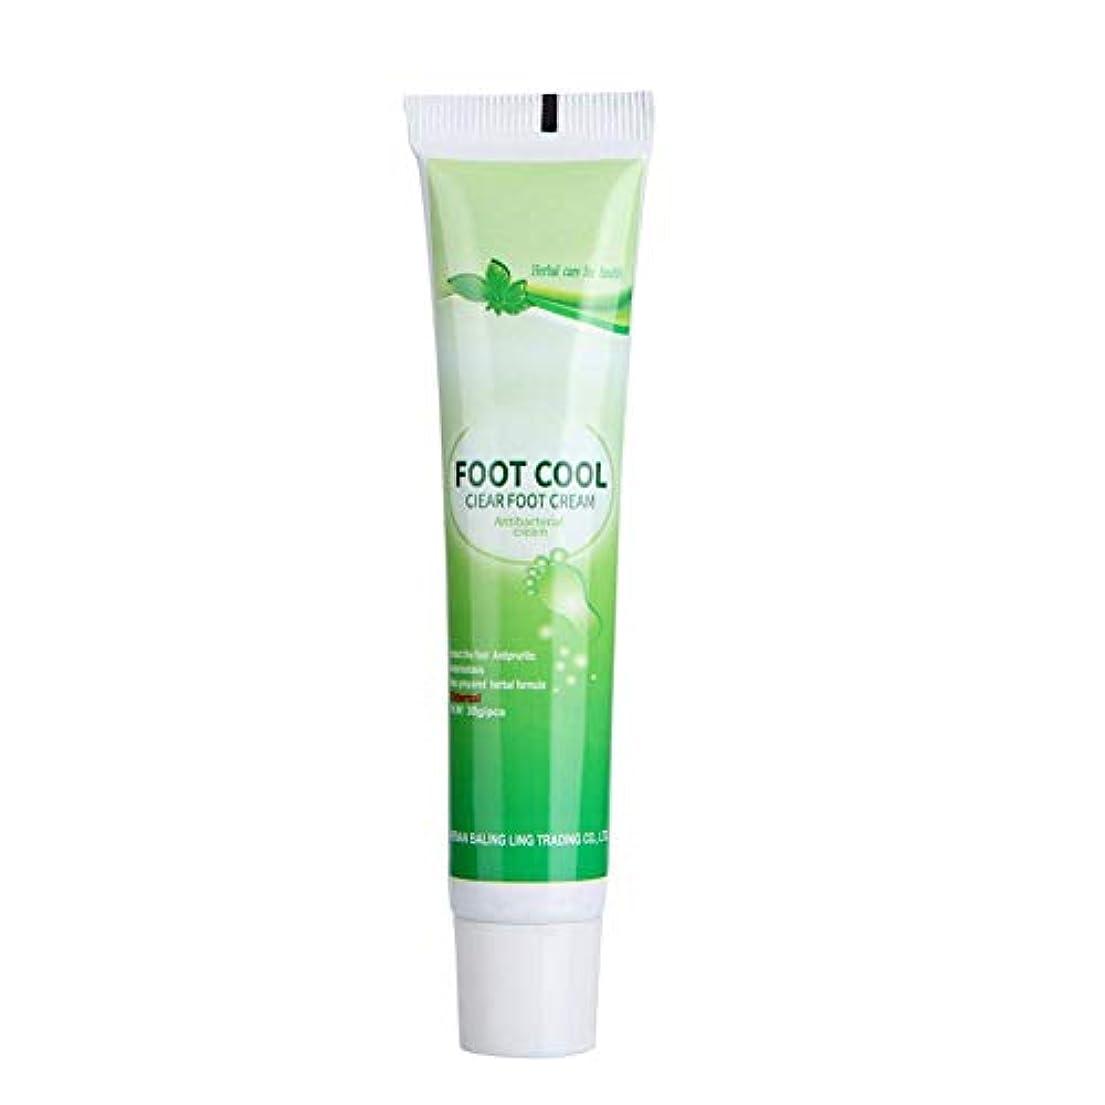 理想的には枯渇する質素なフットケアクリーム、足用軟膏 - 肌荒れ、乾燥、かかと、そして足裏の滑らかさと柔らかさ